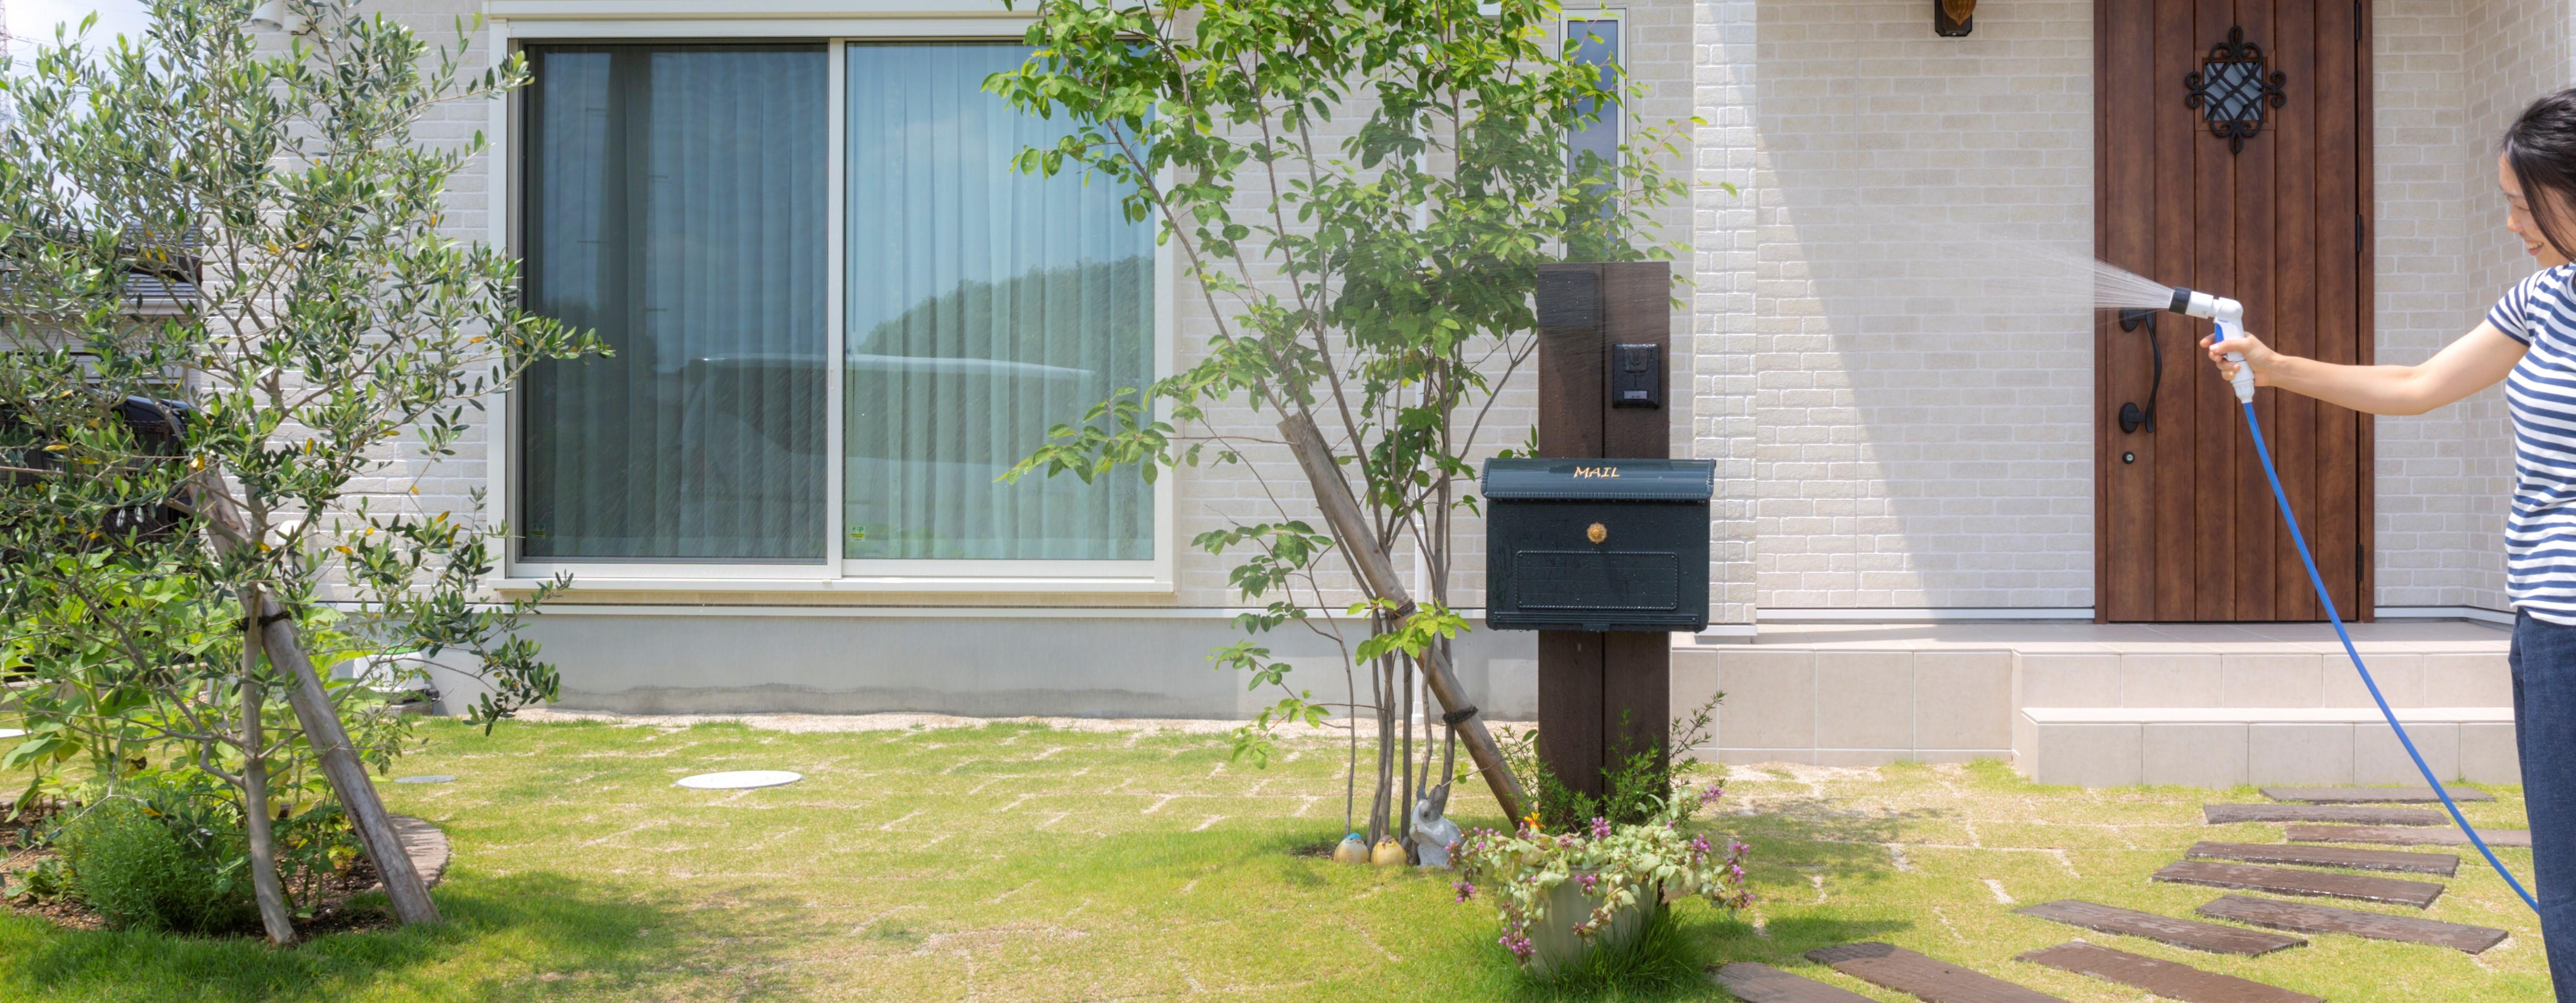 家庭菜園スペースの写真